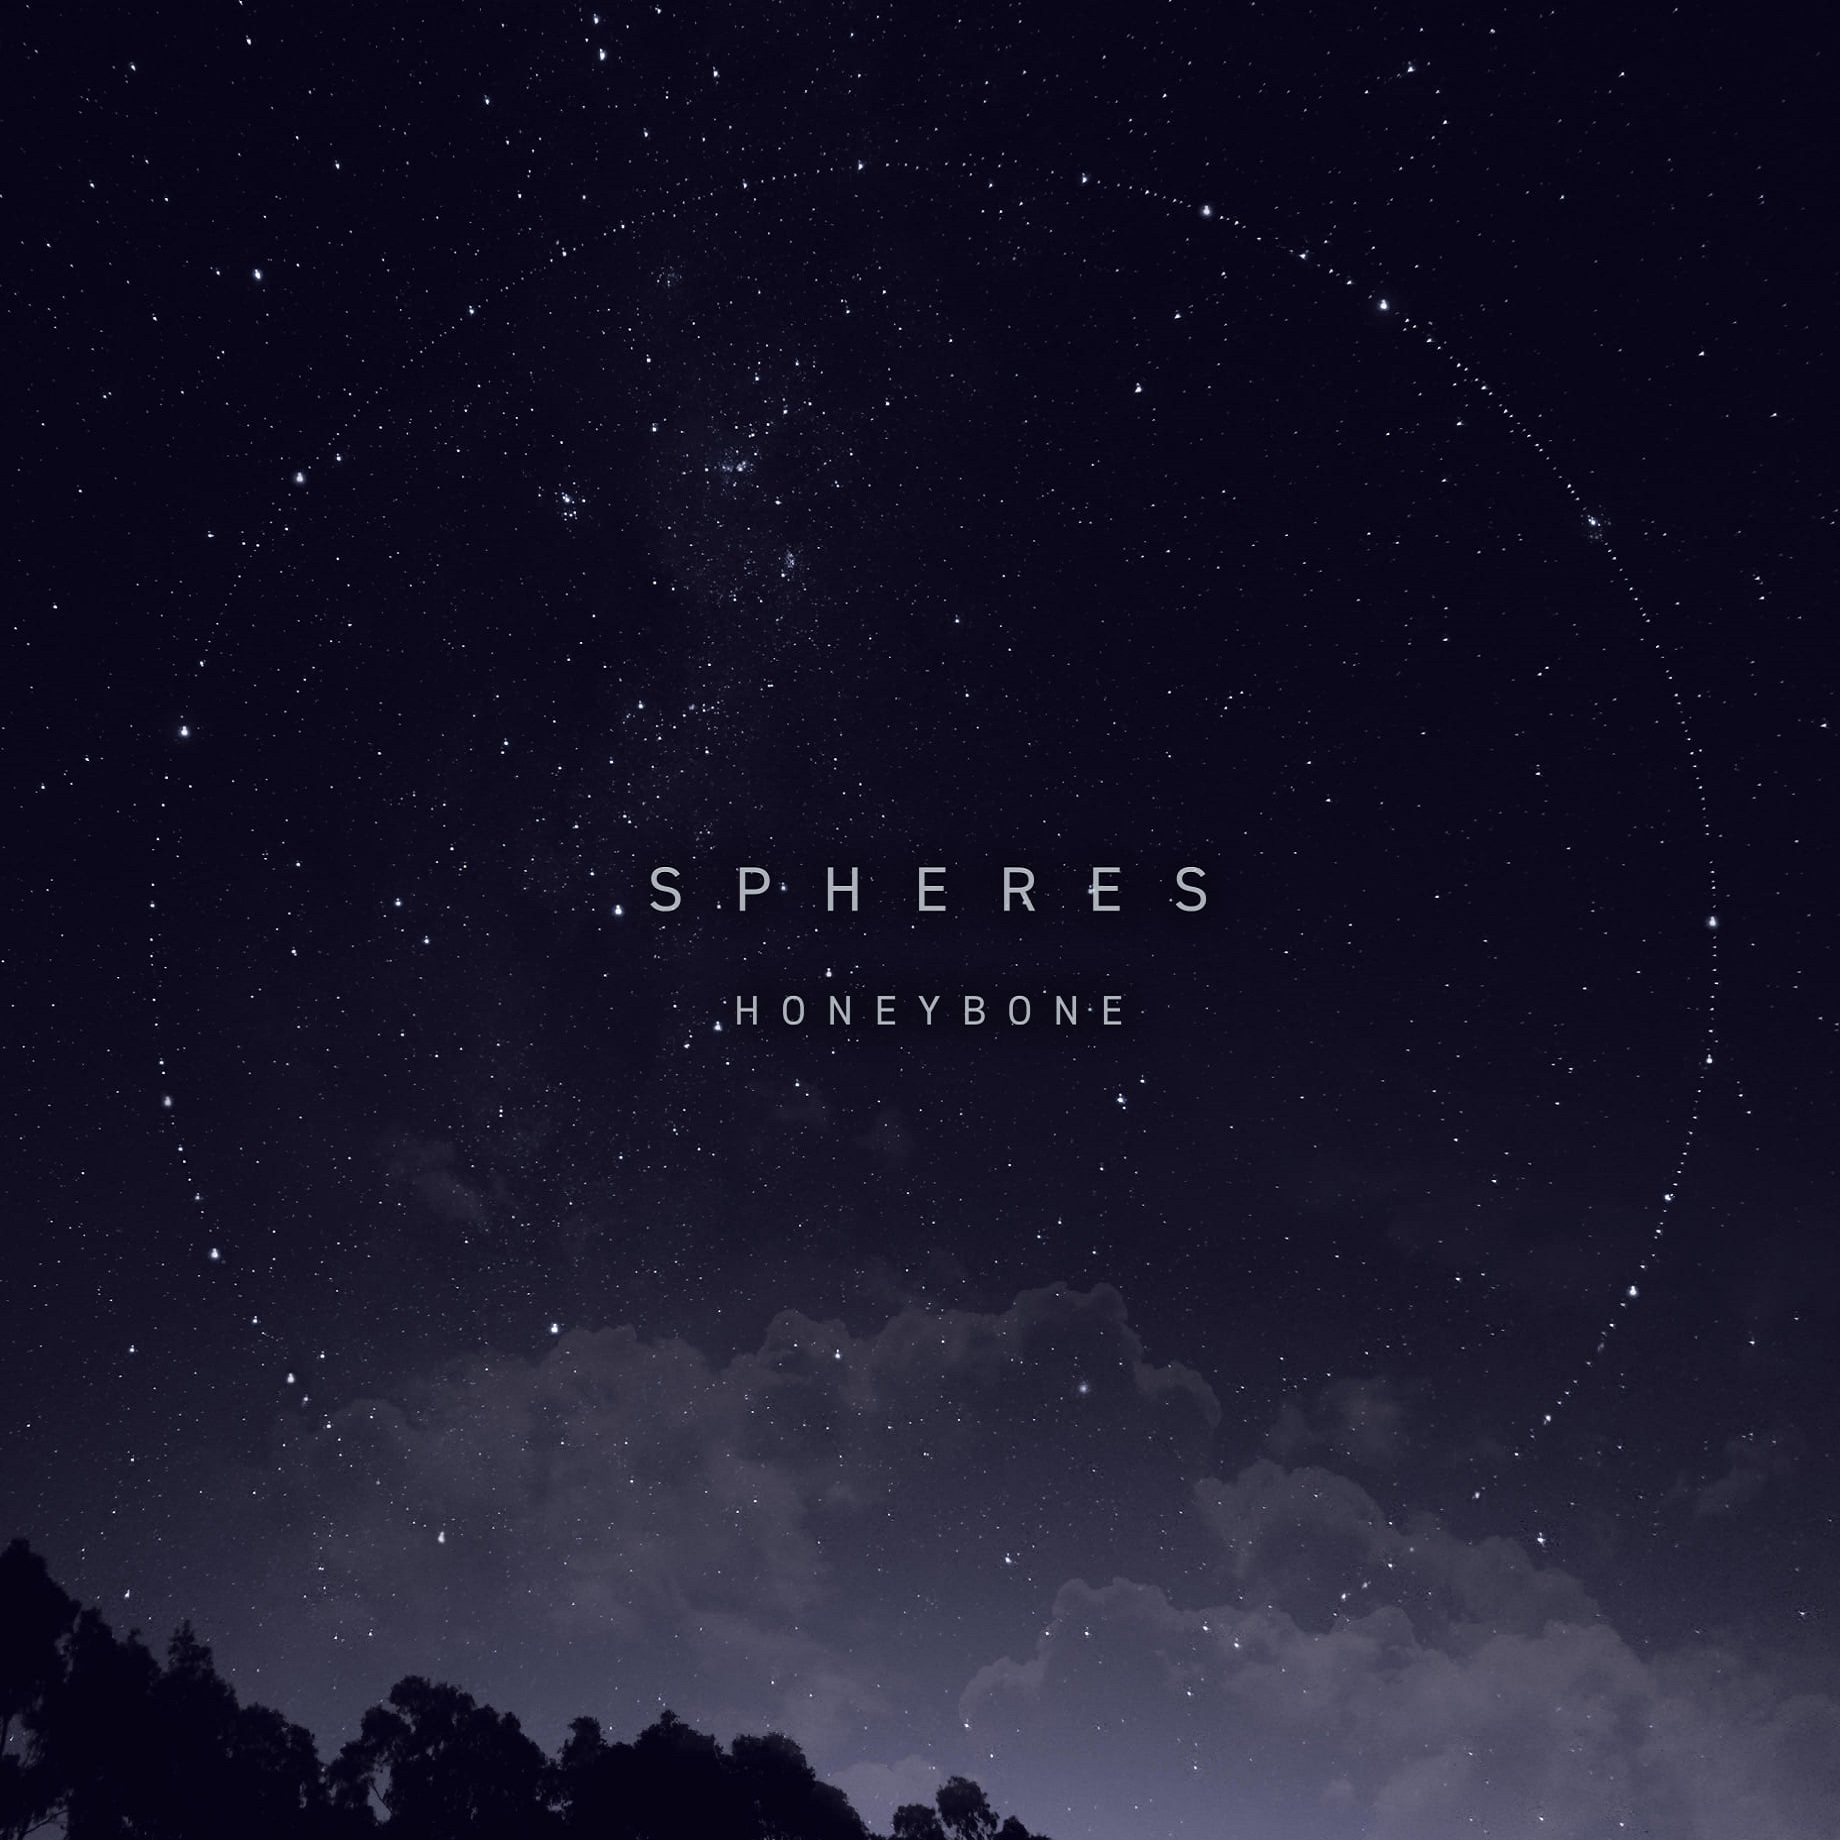 honeybone spheres